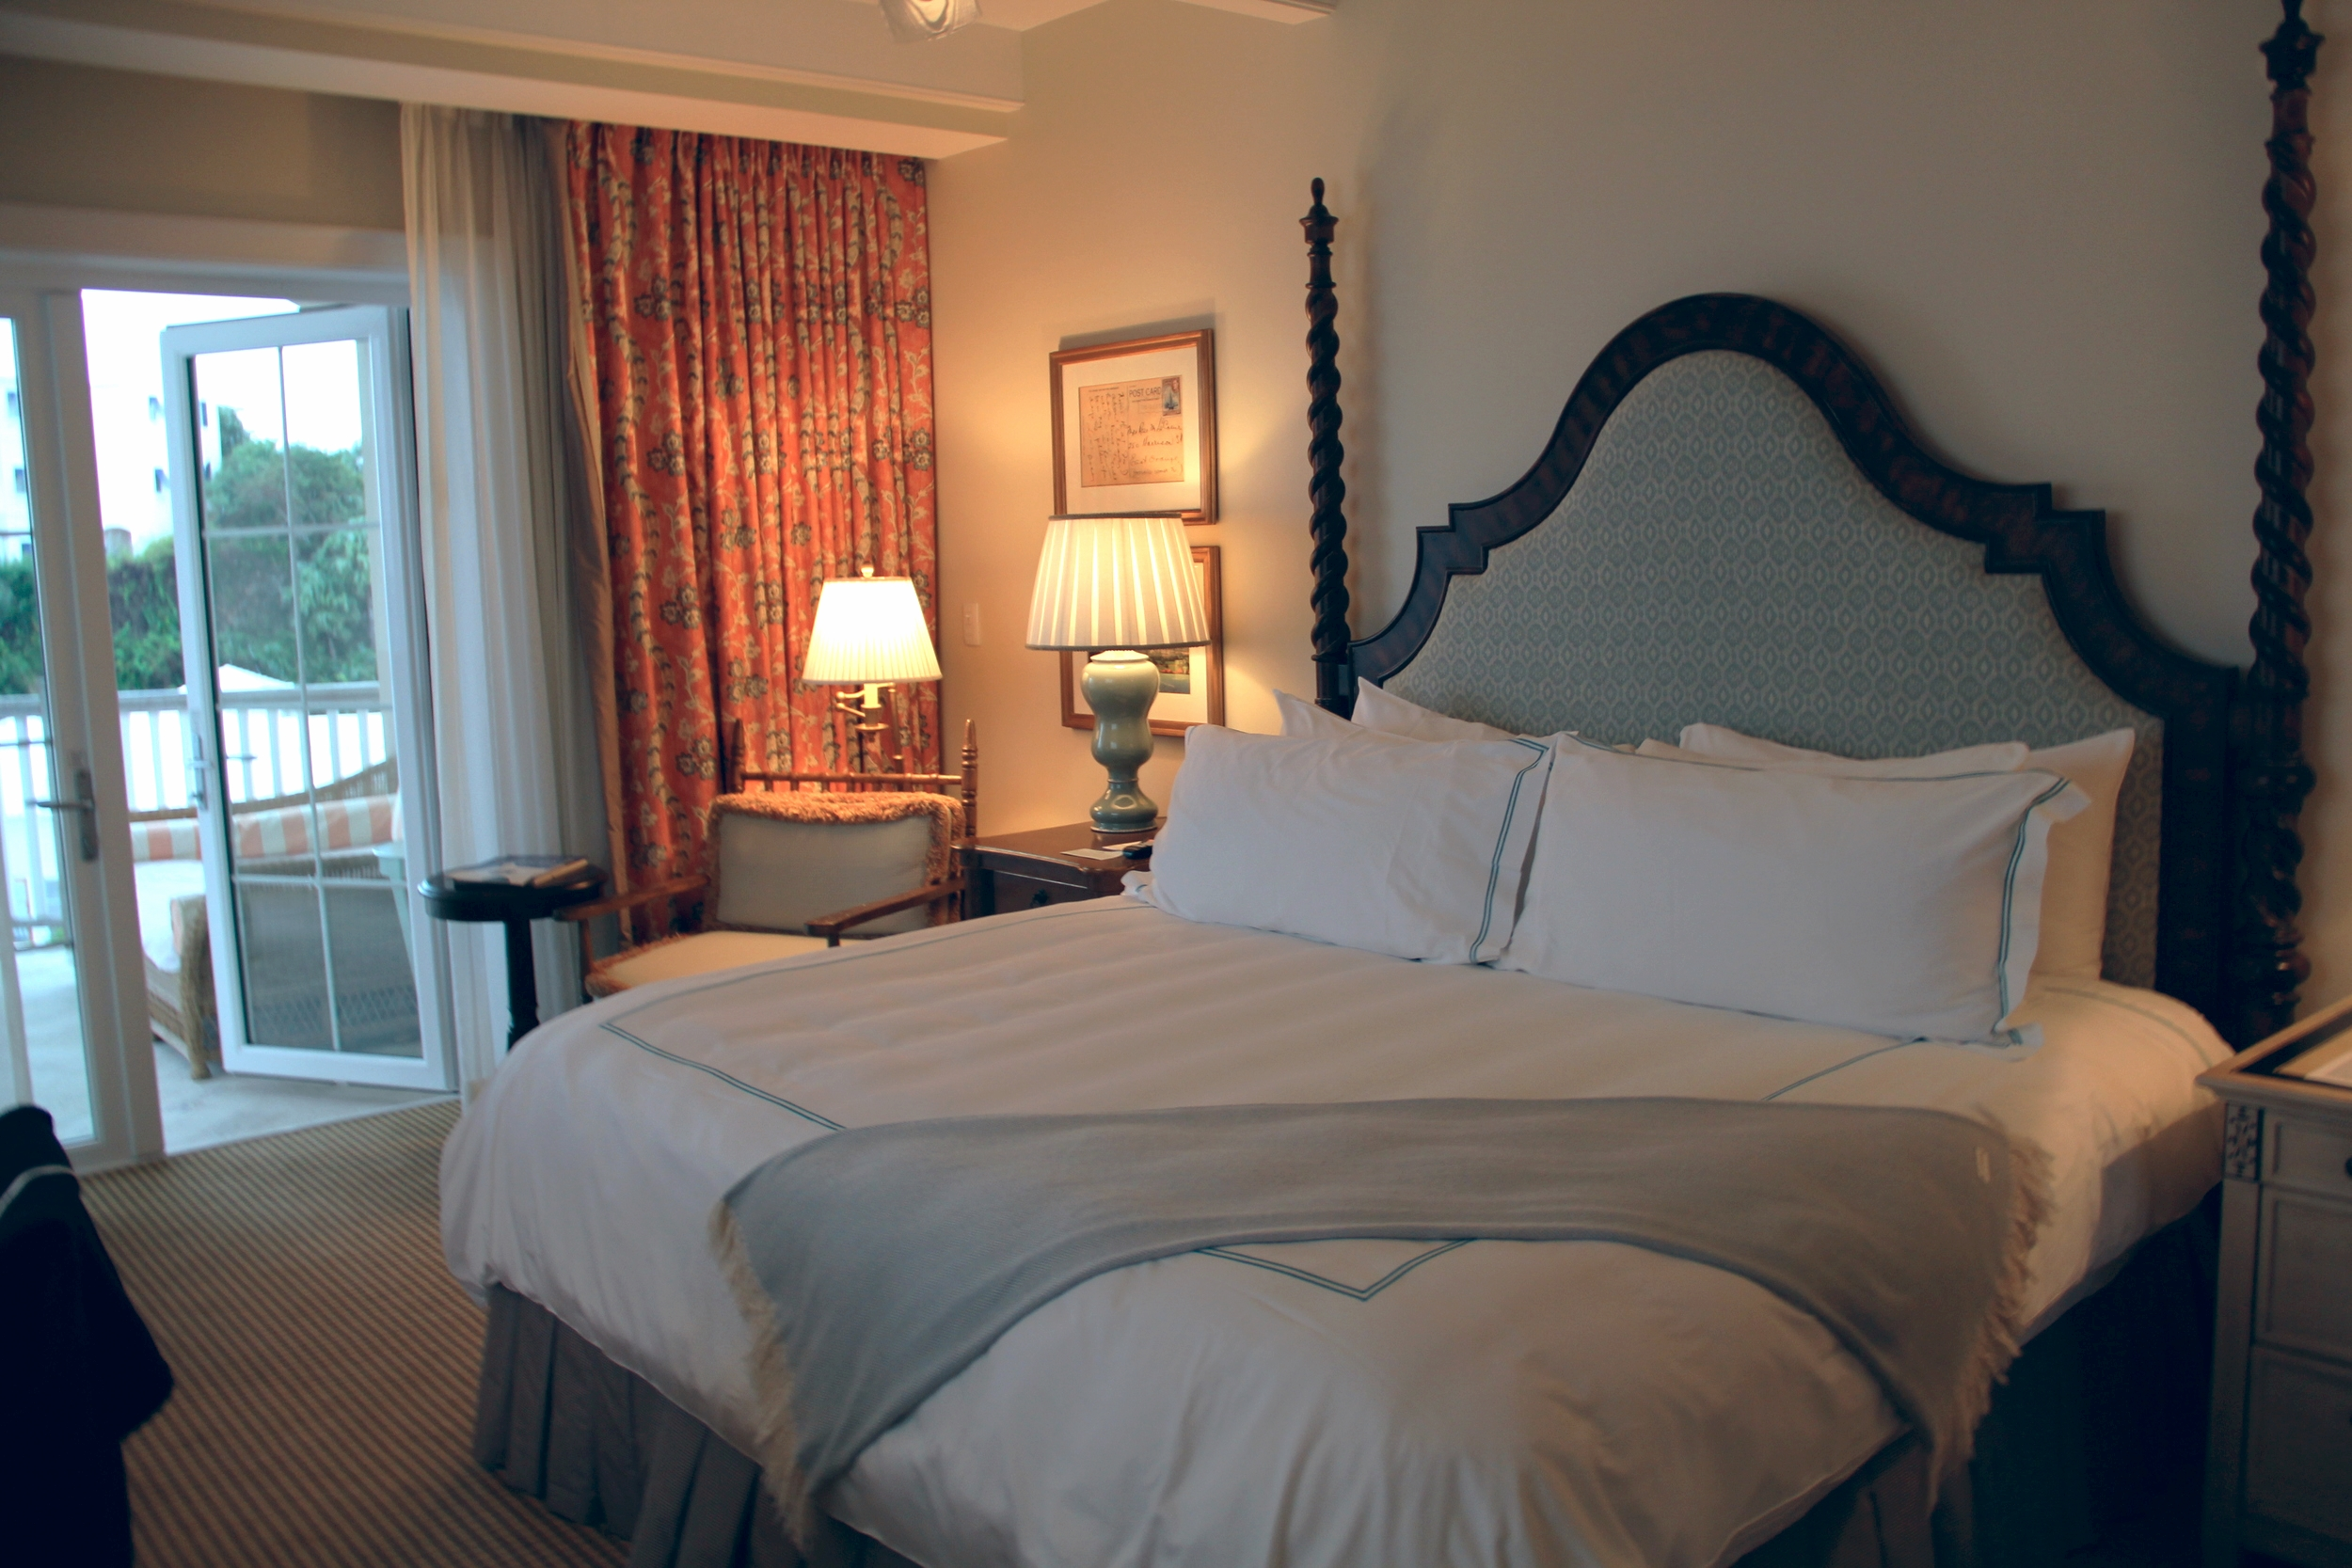 Hotel Room Rosewood Bermuda Tuckers Point.JPG